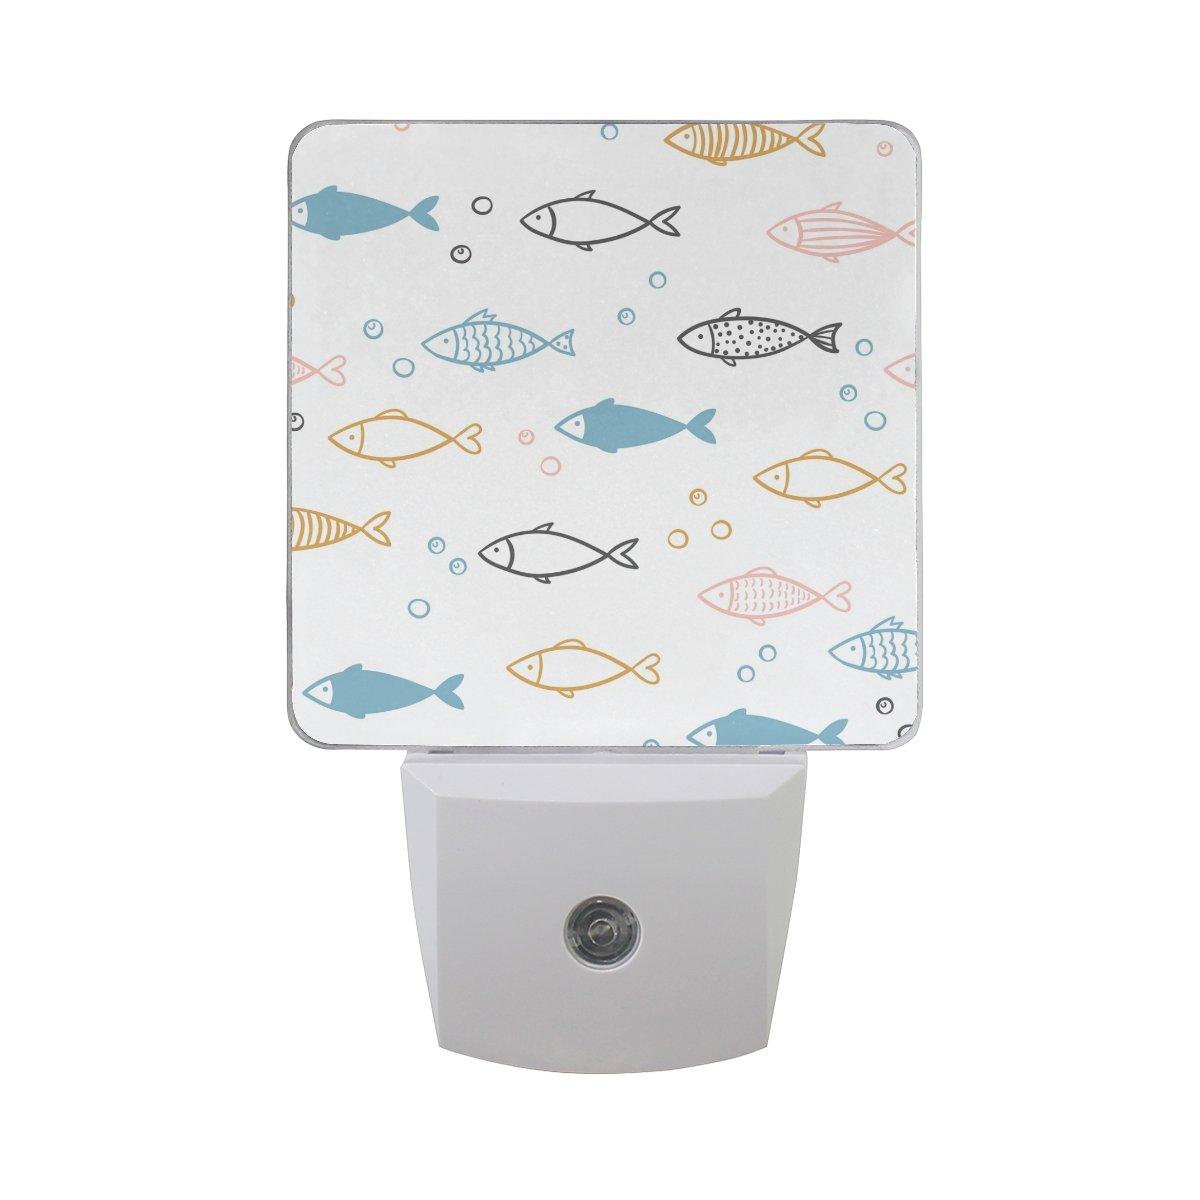 プラグインLED夜ライトランプHand Drawn魚印刷with Dusk to Dawnセンサーのベッドルーム、バスルーム、廊下、階段、2 pack-0.5 W B07CV9LBZH